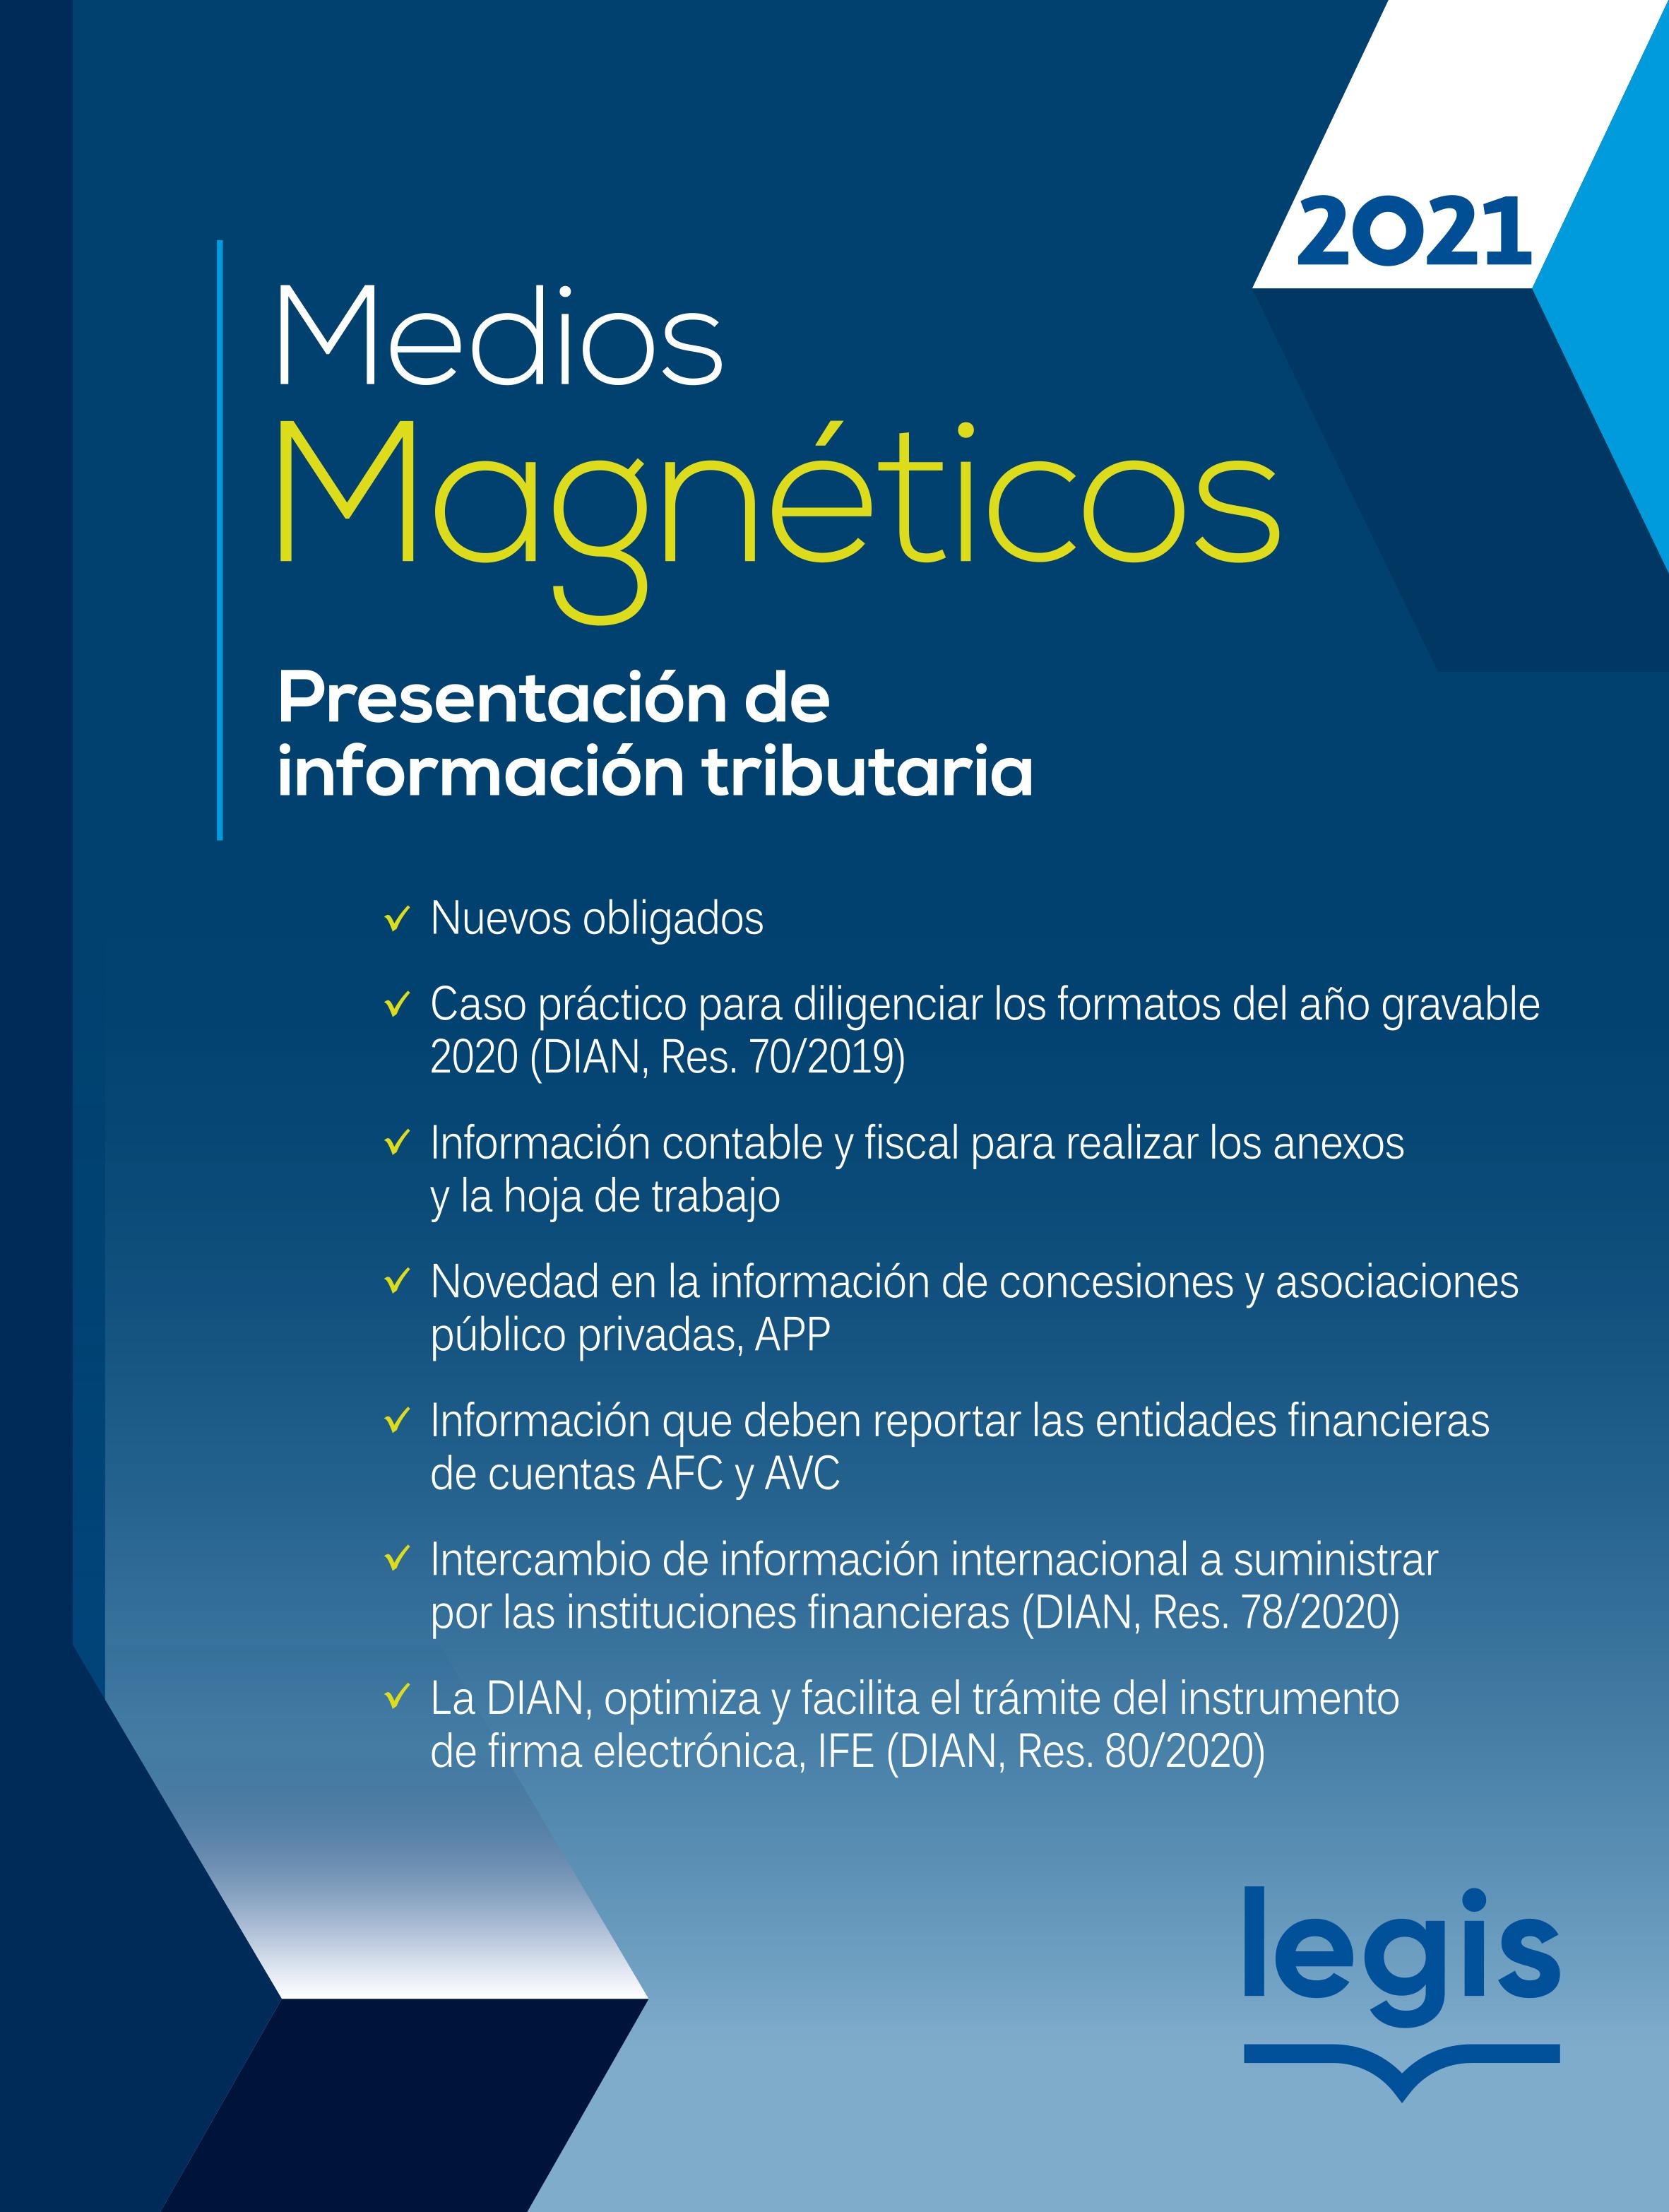 Medios Magnéticos Presentación de Información Tributaria 10 Ed